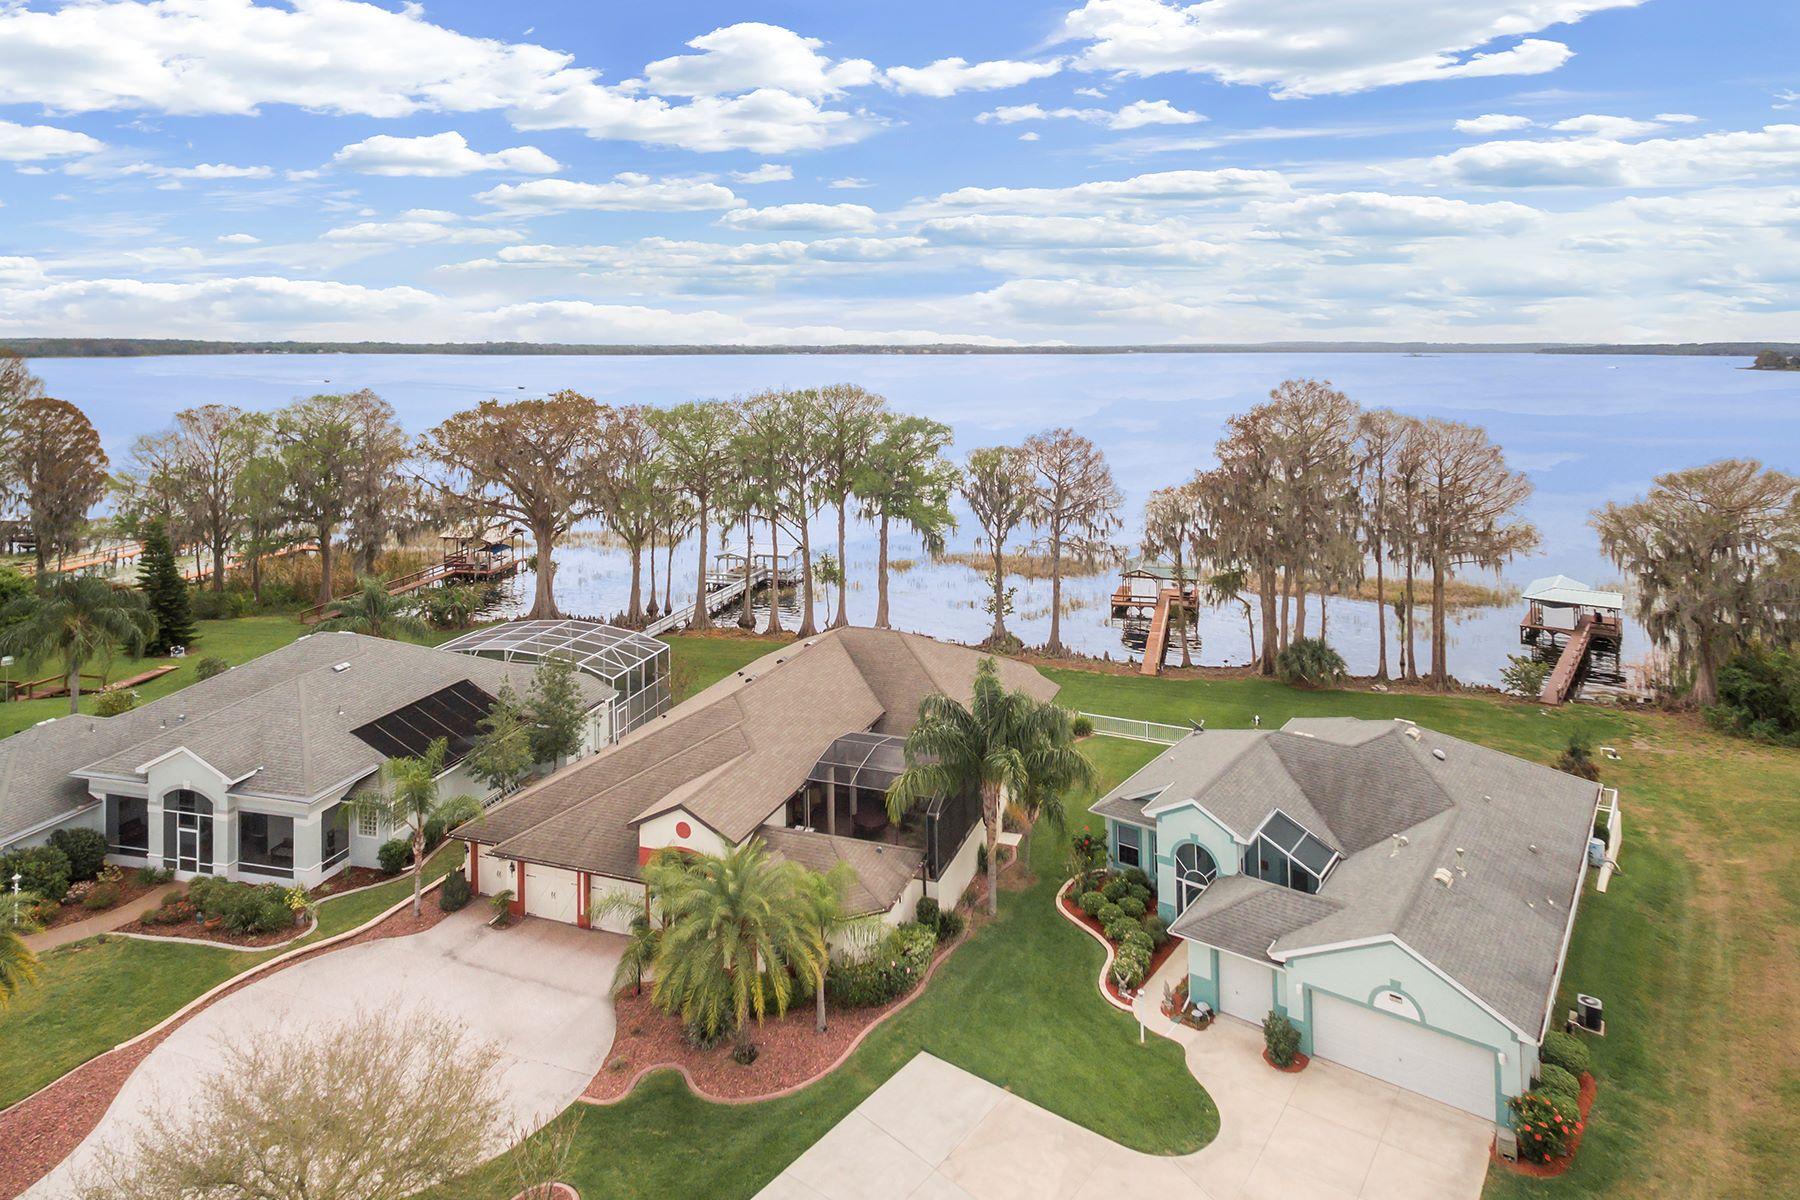 Casa Unifamiliar por un Venta en 6392 Sailboat Ave , Tavares, FL 32778 6392 Sailboat Ave Tavares, Florida, 32778 Estados Unidos